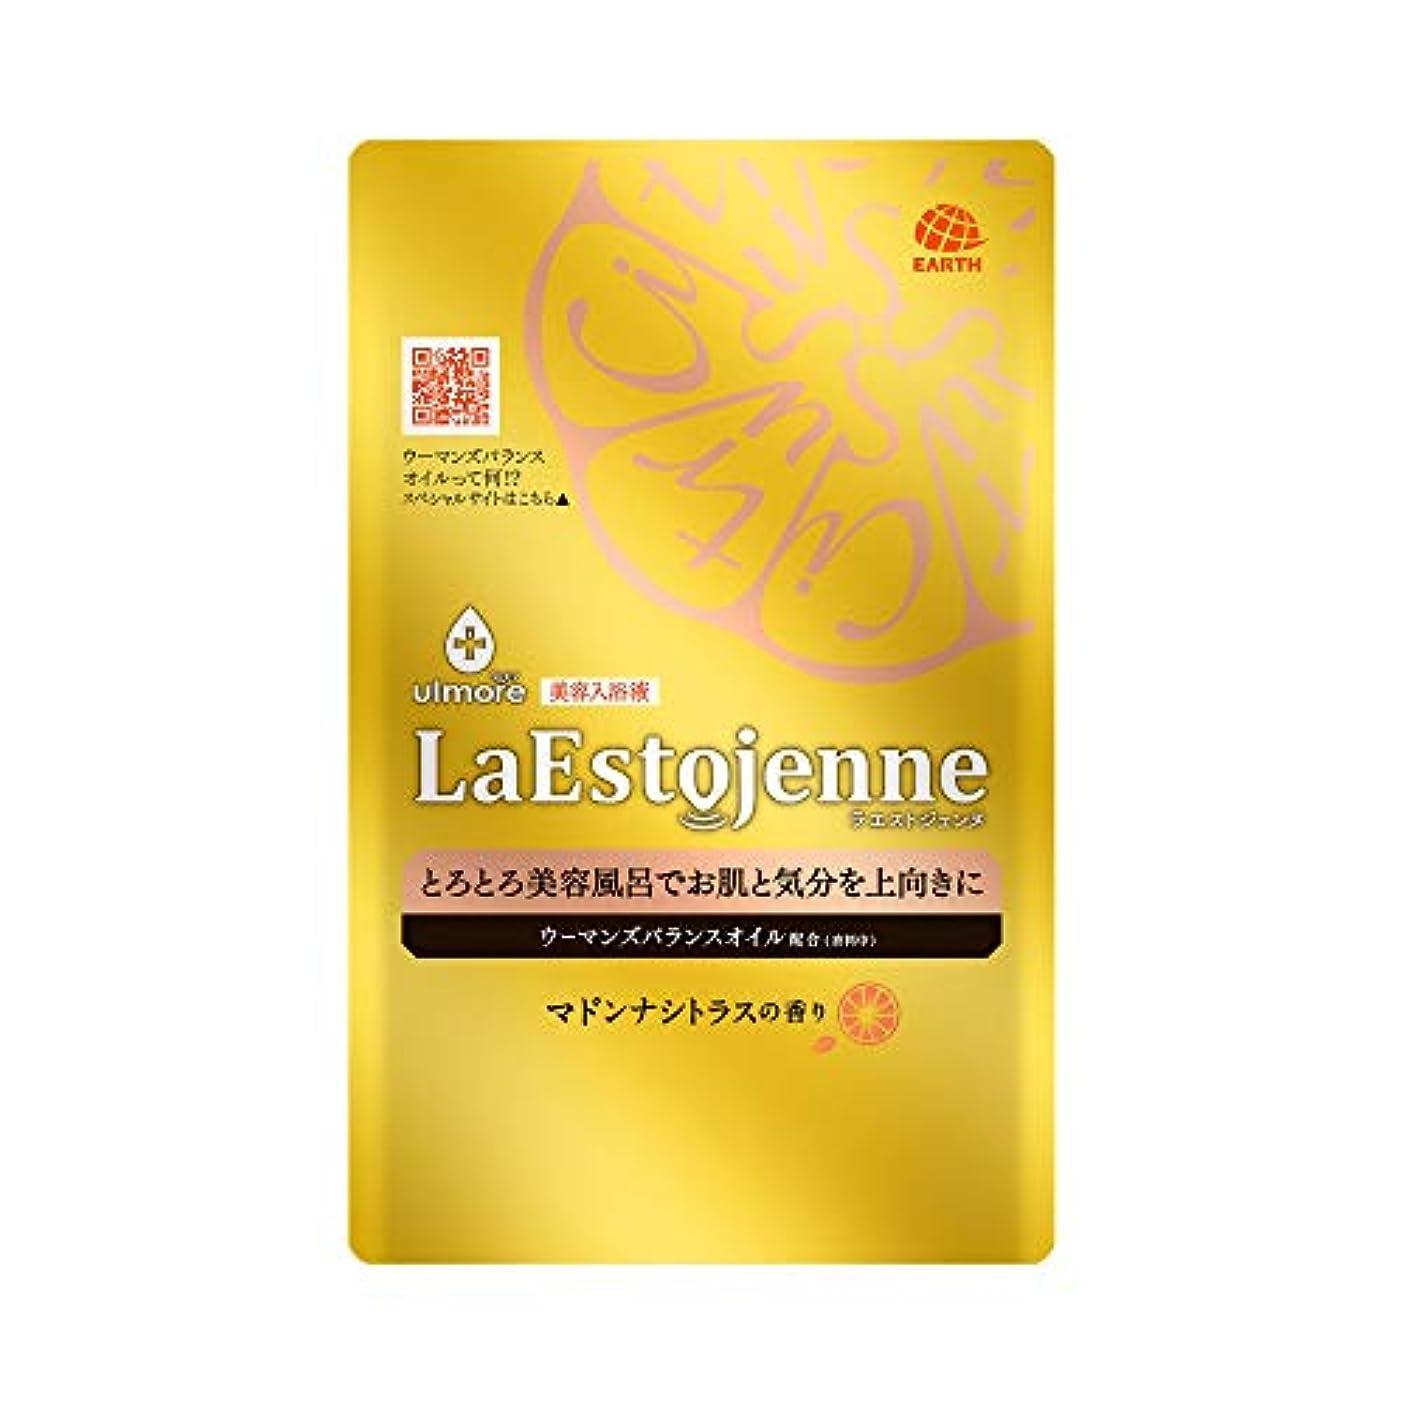 前進ビタミン摂氏度ウルモア ラエストジェンヌ 入浴剤 マドンナシトラスの香り [160ml x 1包入り]